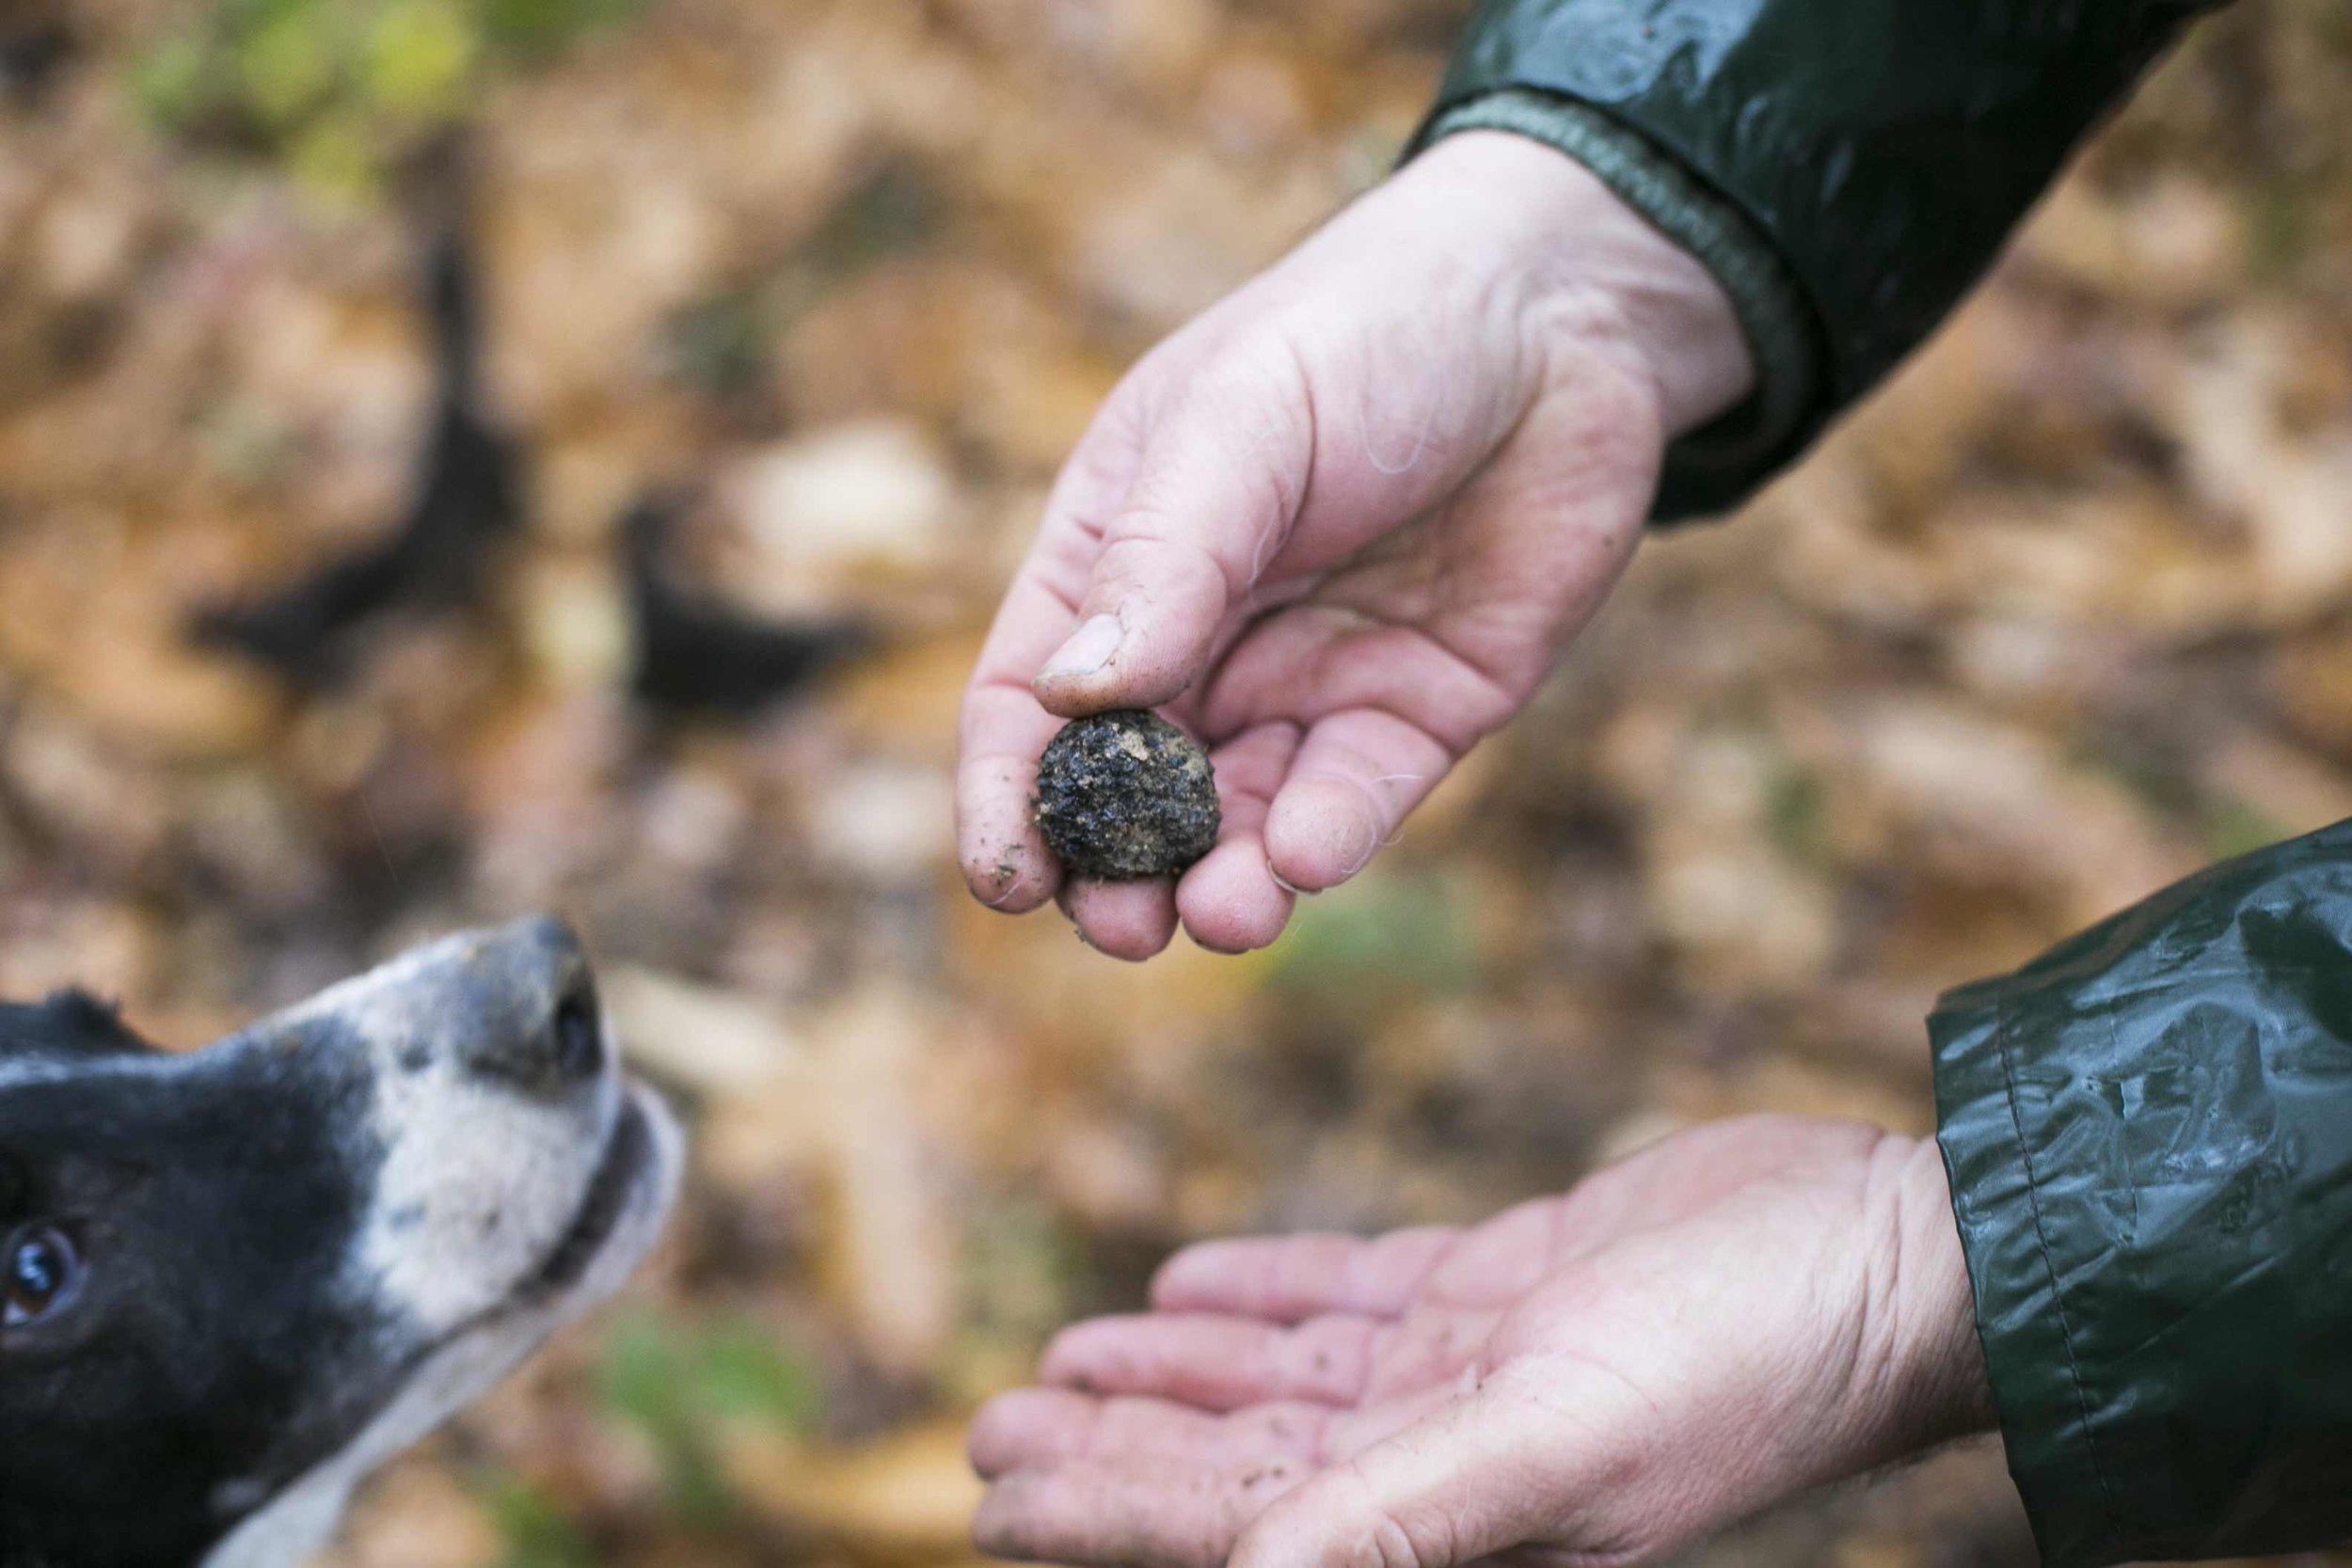 alba white truffle hunting